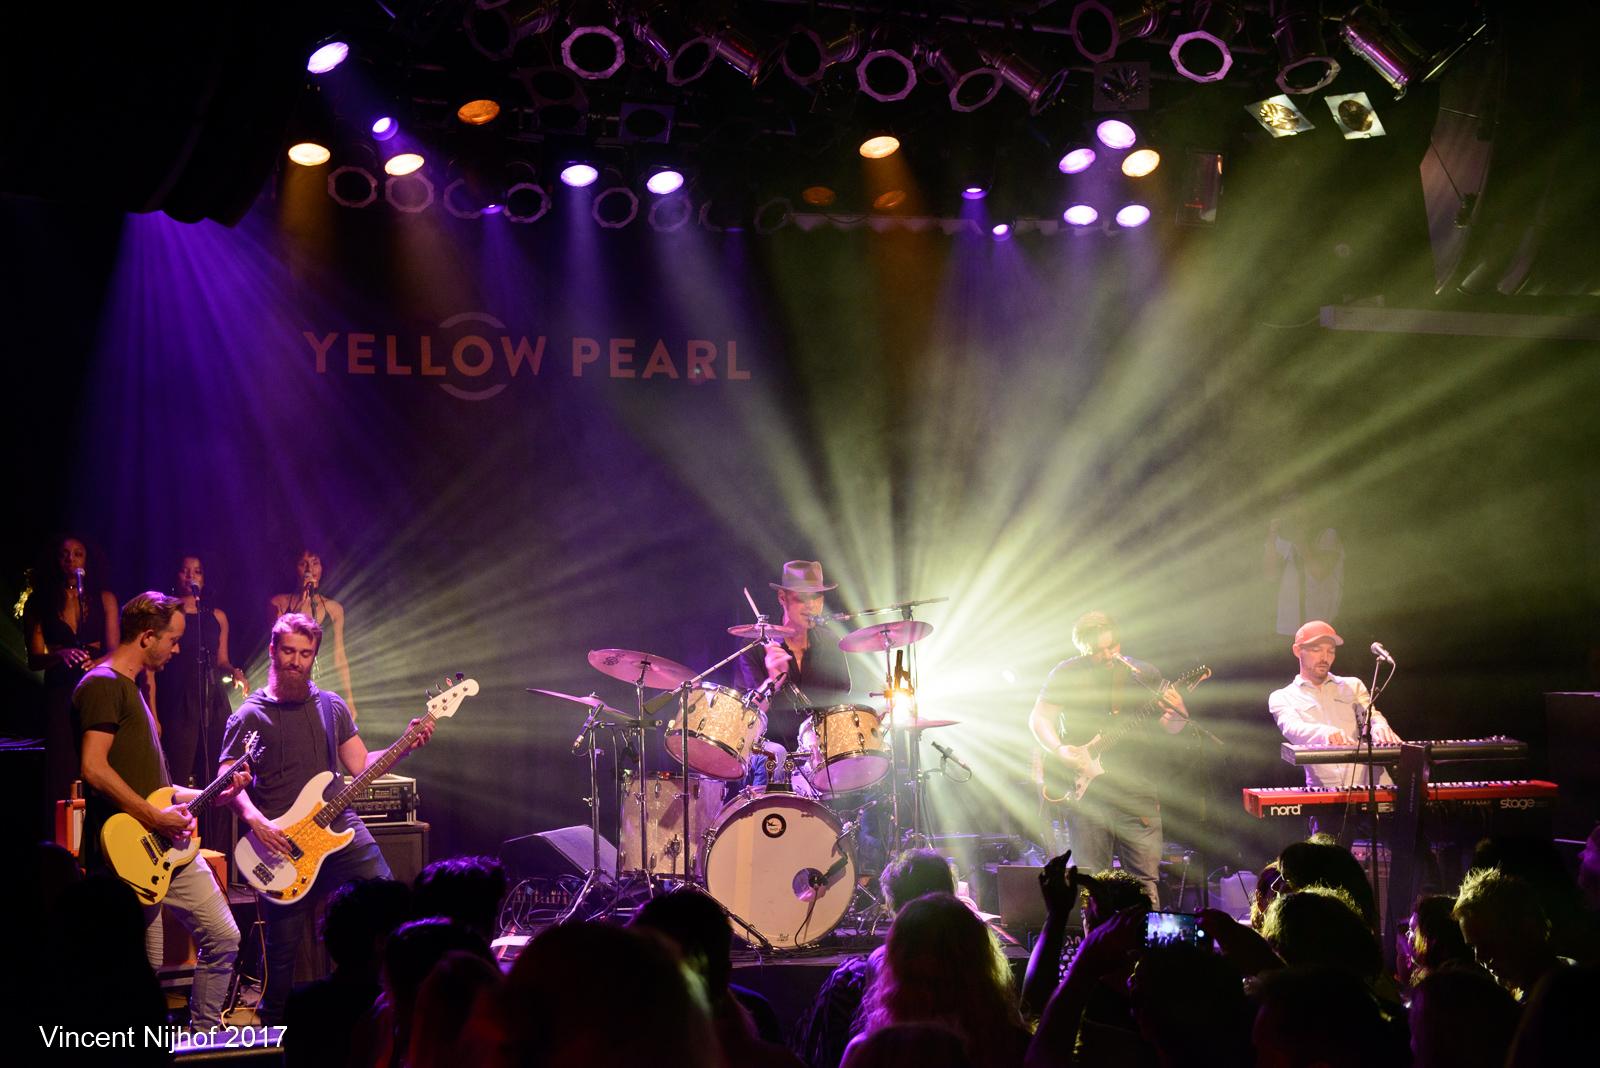 Yellow-Pearl-artist-Gigant-Apeldoorn-concert-01